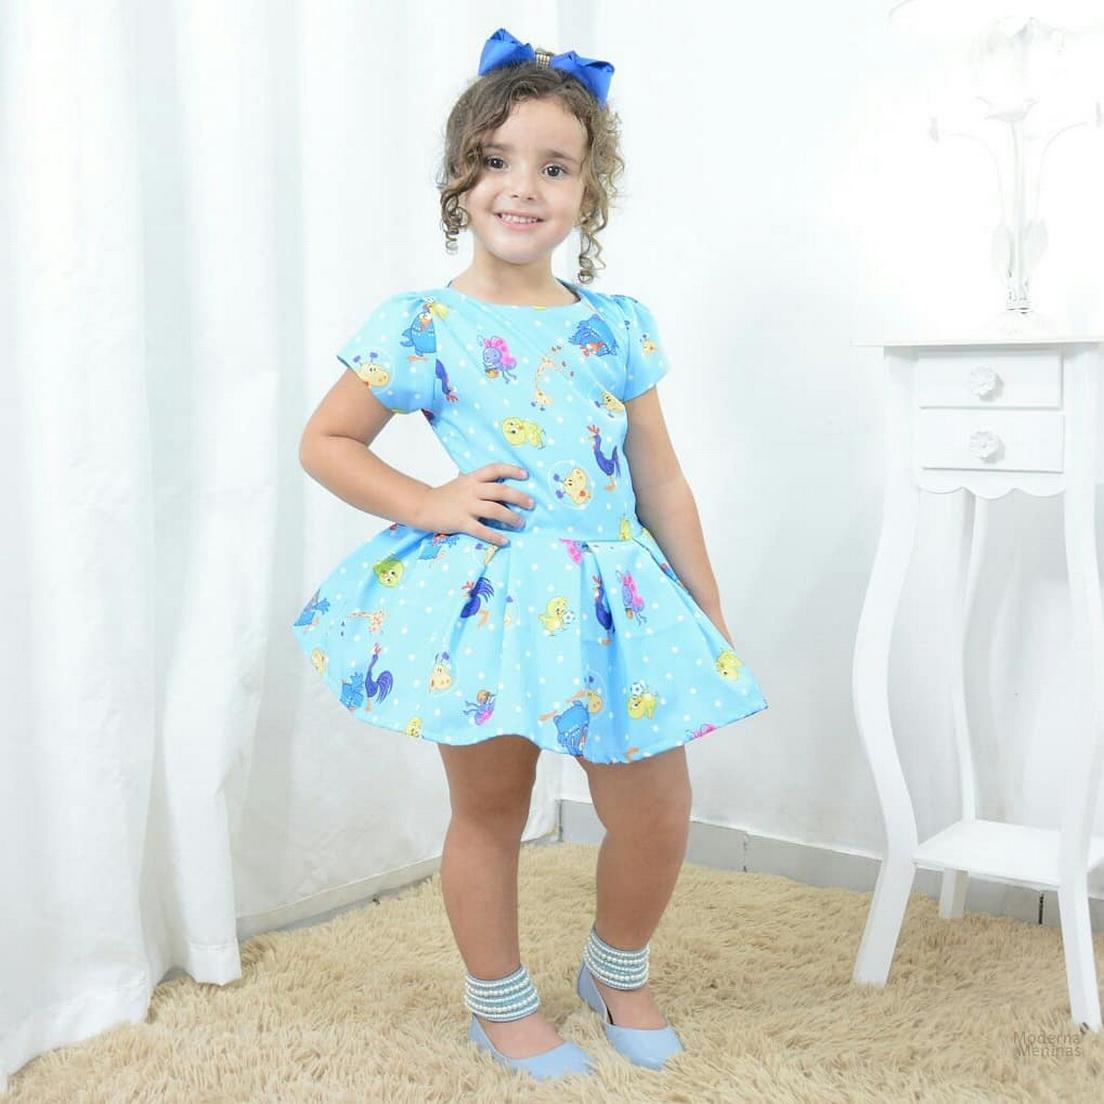 Vestido infantil festa tema da Galinha pintadinha e sua turma